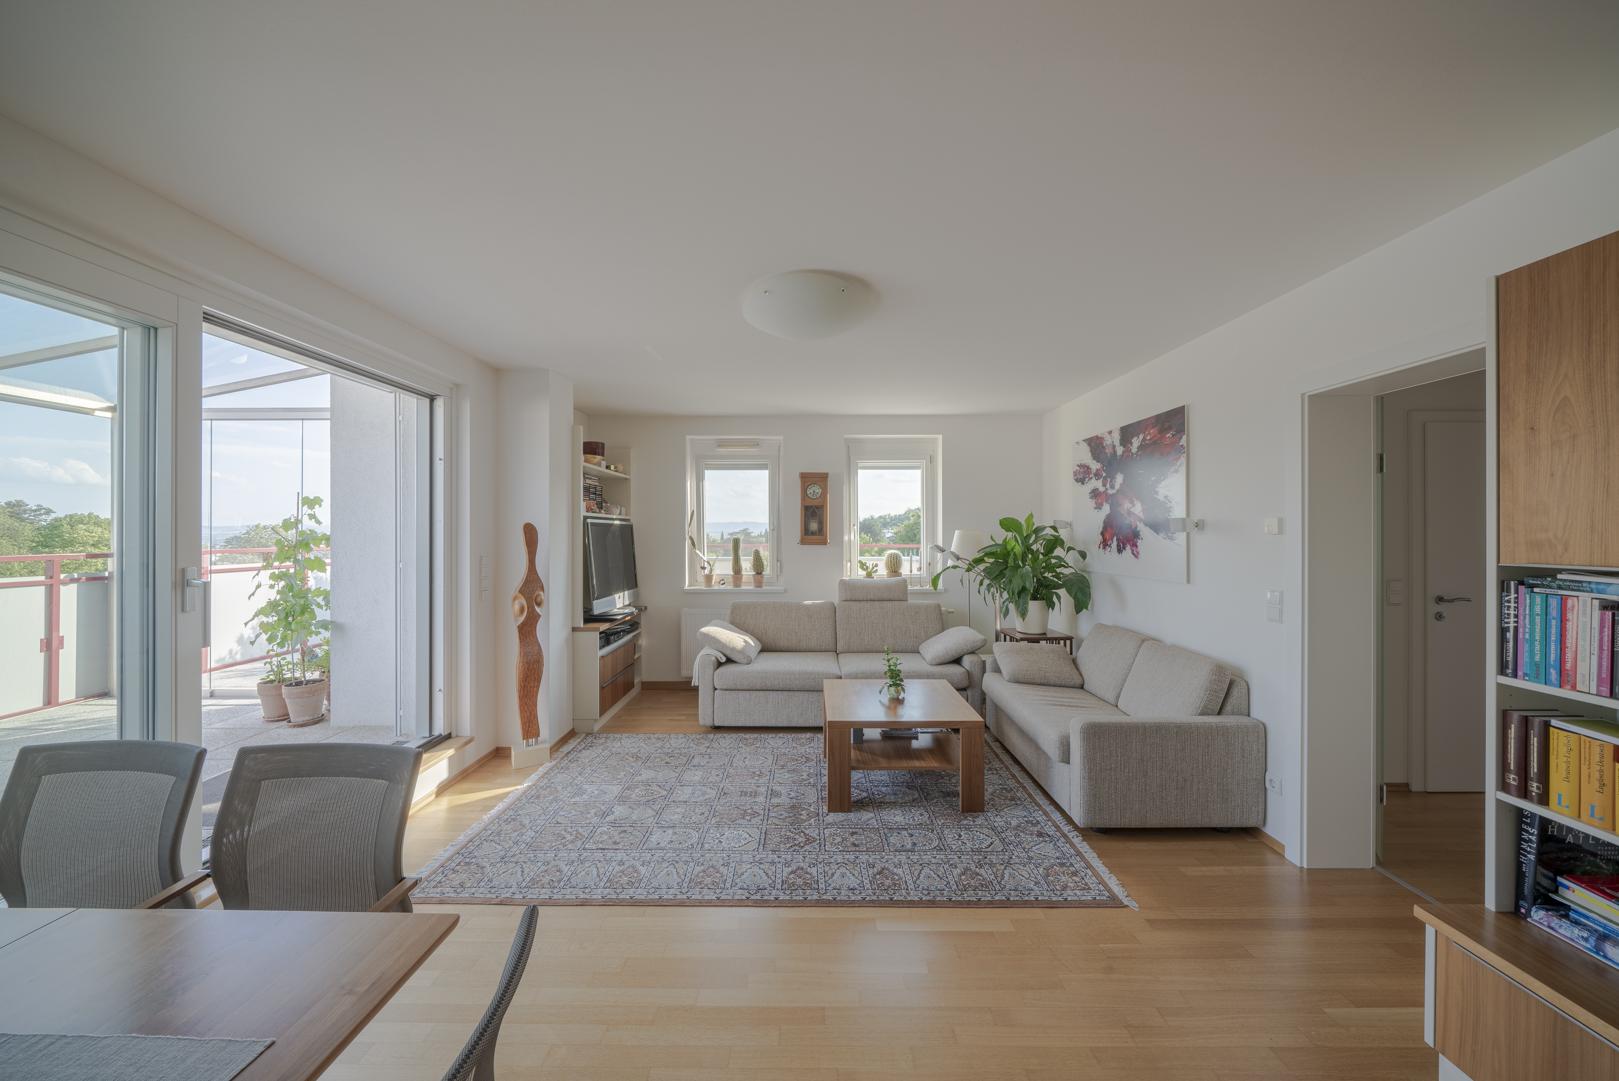 Immobilienfotografie Wohnung Wohnraum von Fotograf Michael Pinzolits